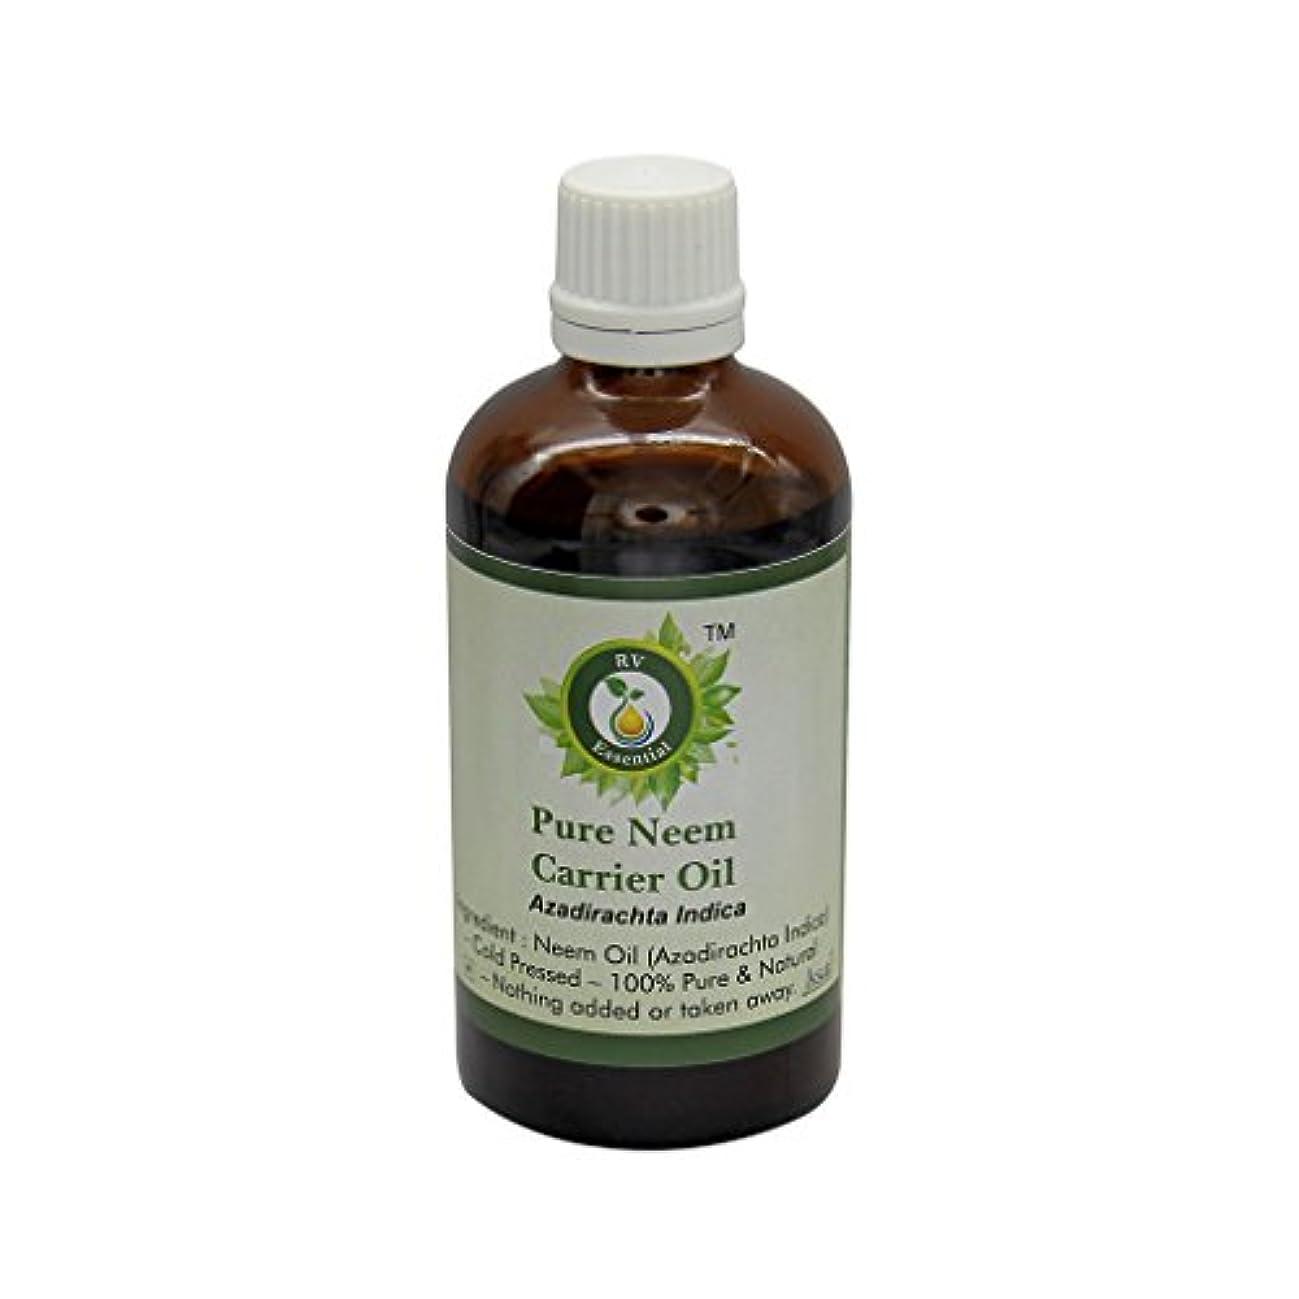 腰レガシー意味のあるR V Essential 純Neemキャリアオイル50ml (1.69oz)- Azadirachta Indica (100%ピュア&ナチュラルコールドPressed) Pure Neem Carrier Oil